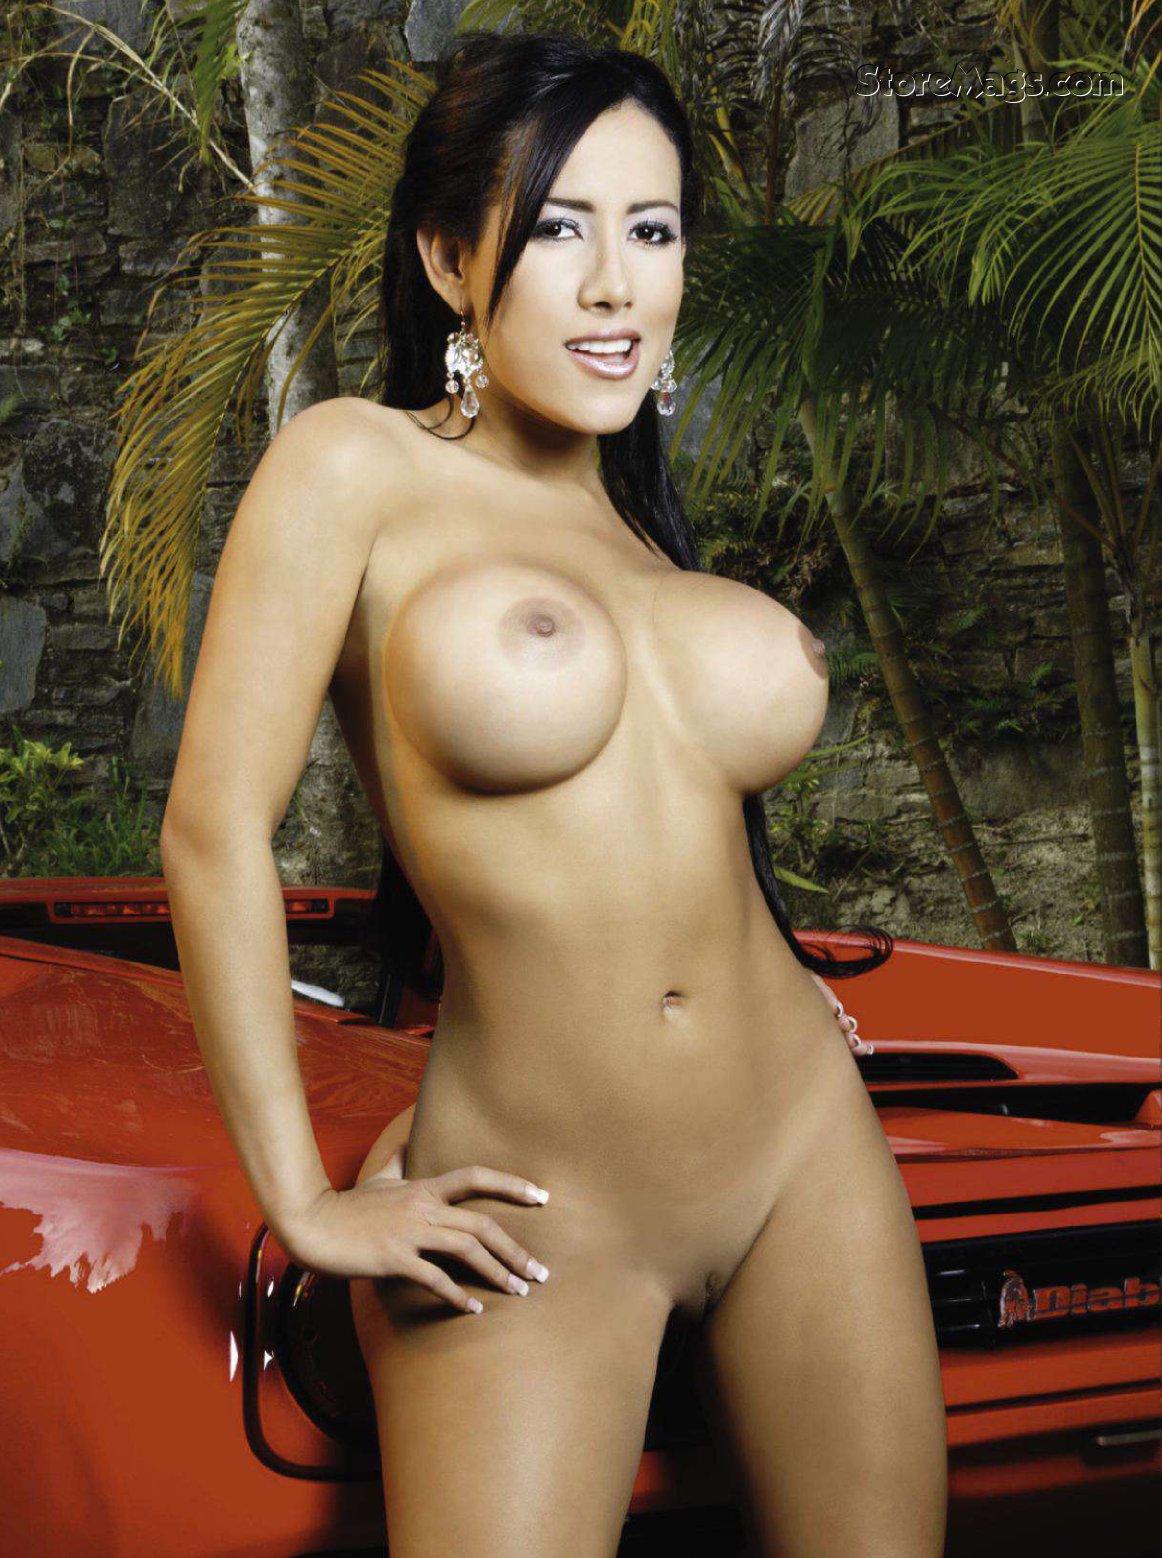 http://1.bp.blogspot.com/-EH4MEHtlztY/TaxAgXkWnQI/AAAAAAAABIA/9G2oL8O17xo/s1600/35080_septimiu29_AlejandraColmenares_PlayboyVenezuela_April20118_123_197lo.jpg